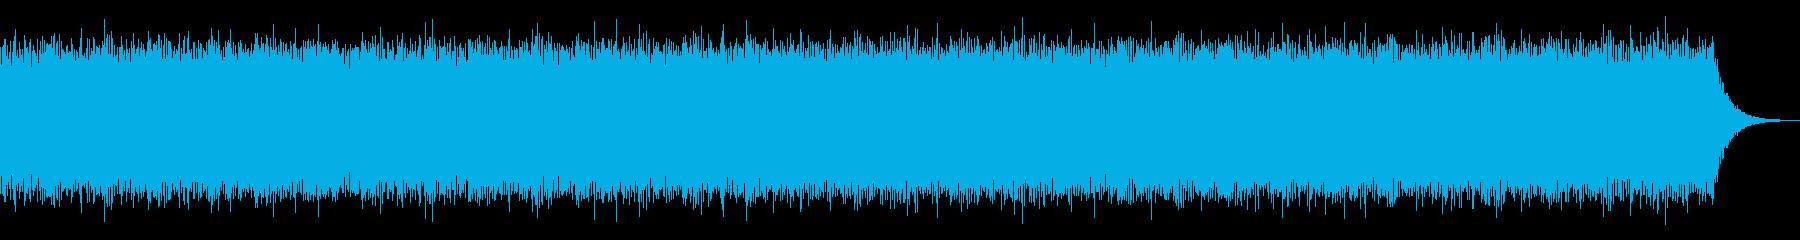 デジタルJ-POP風BGMの再生済みの波形